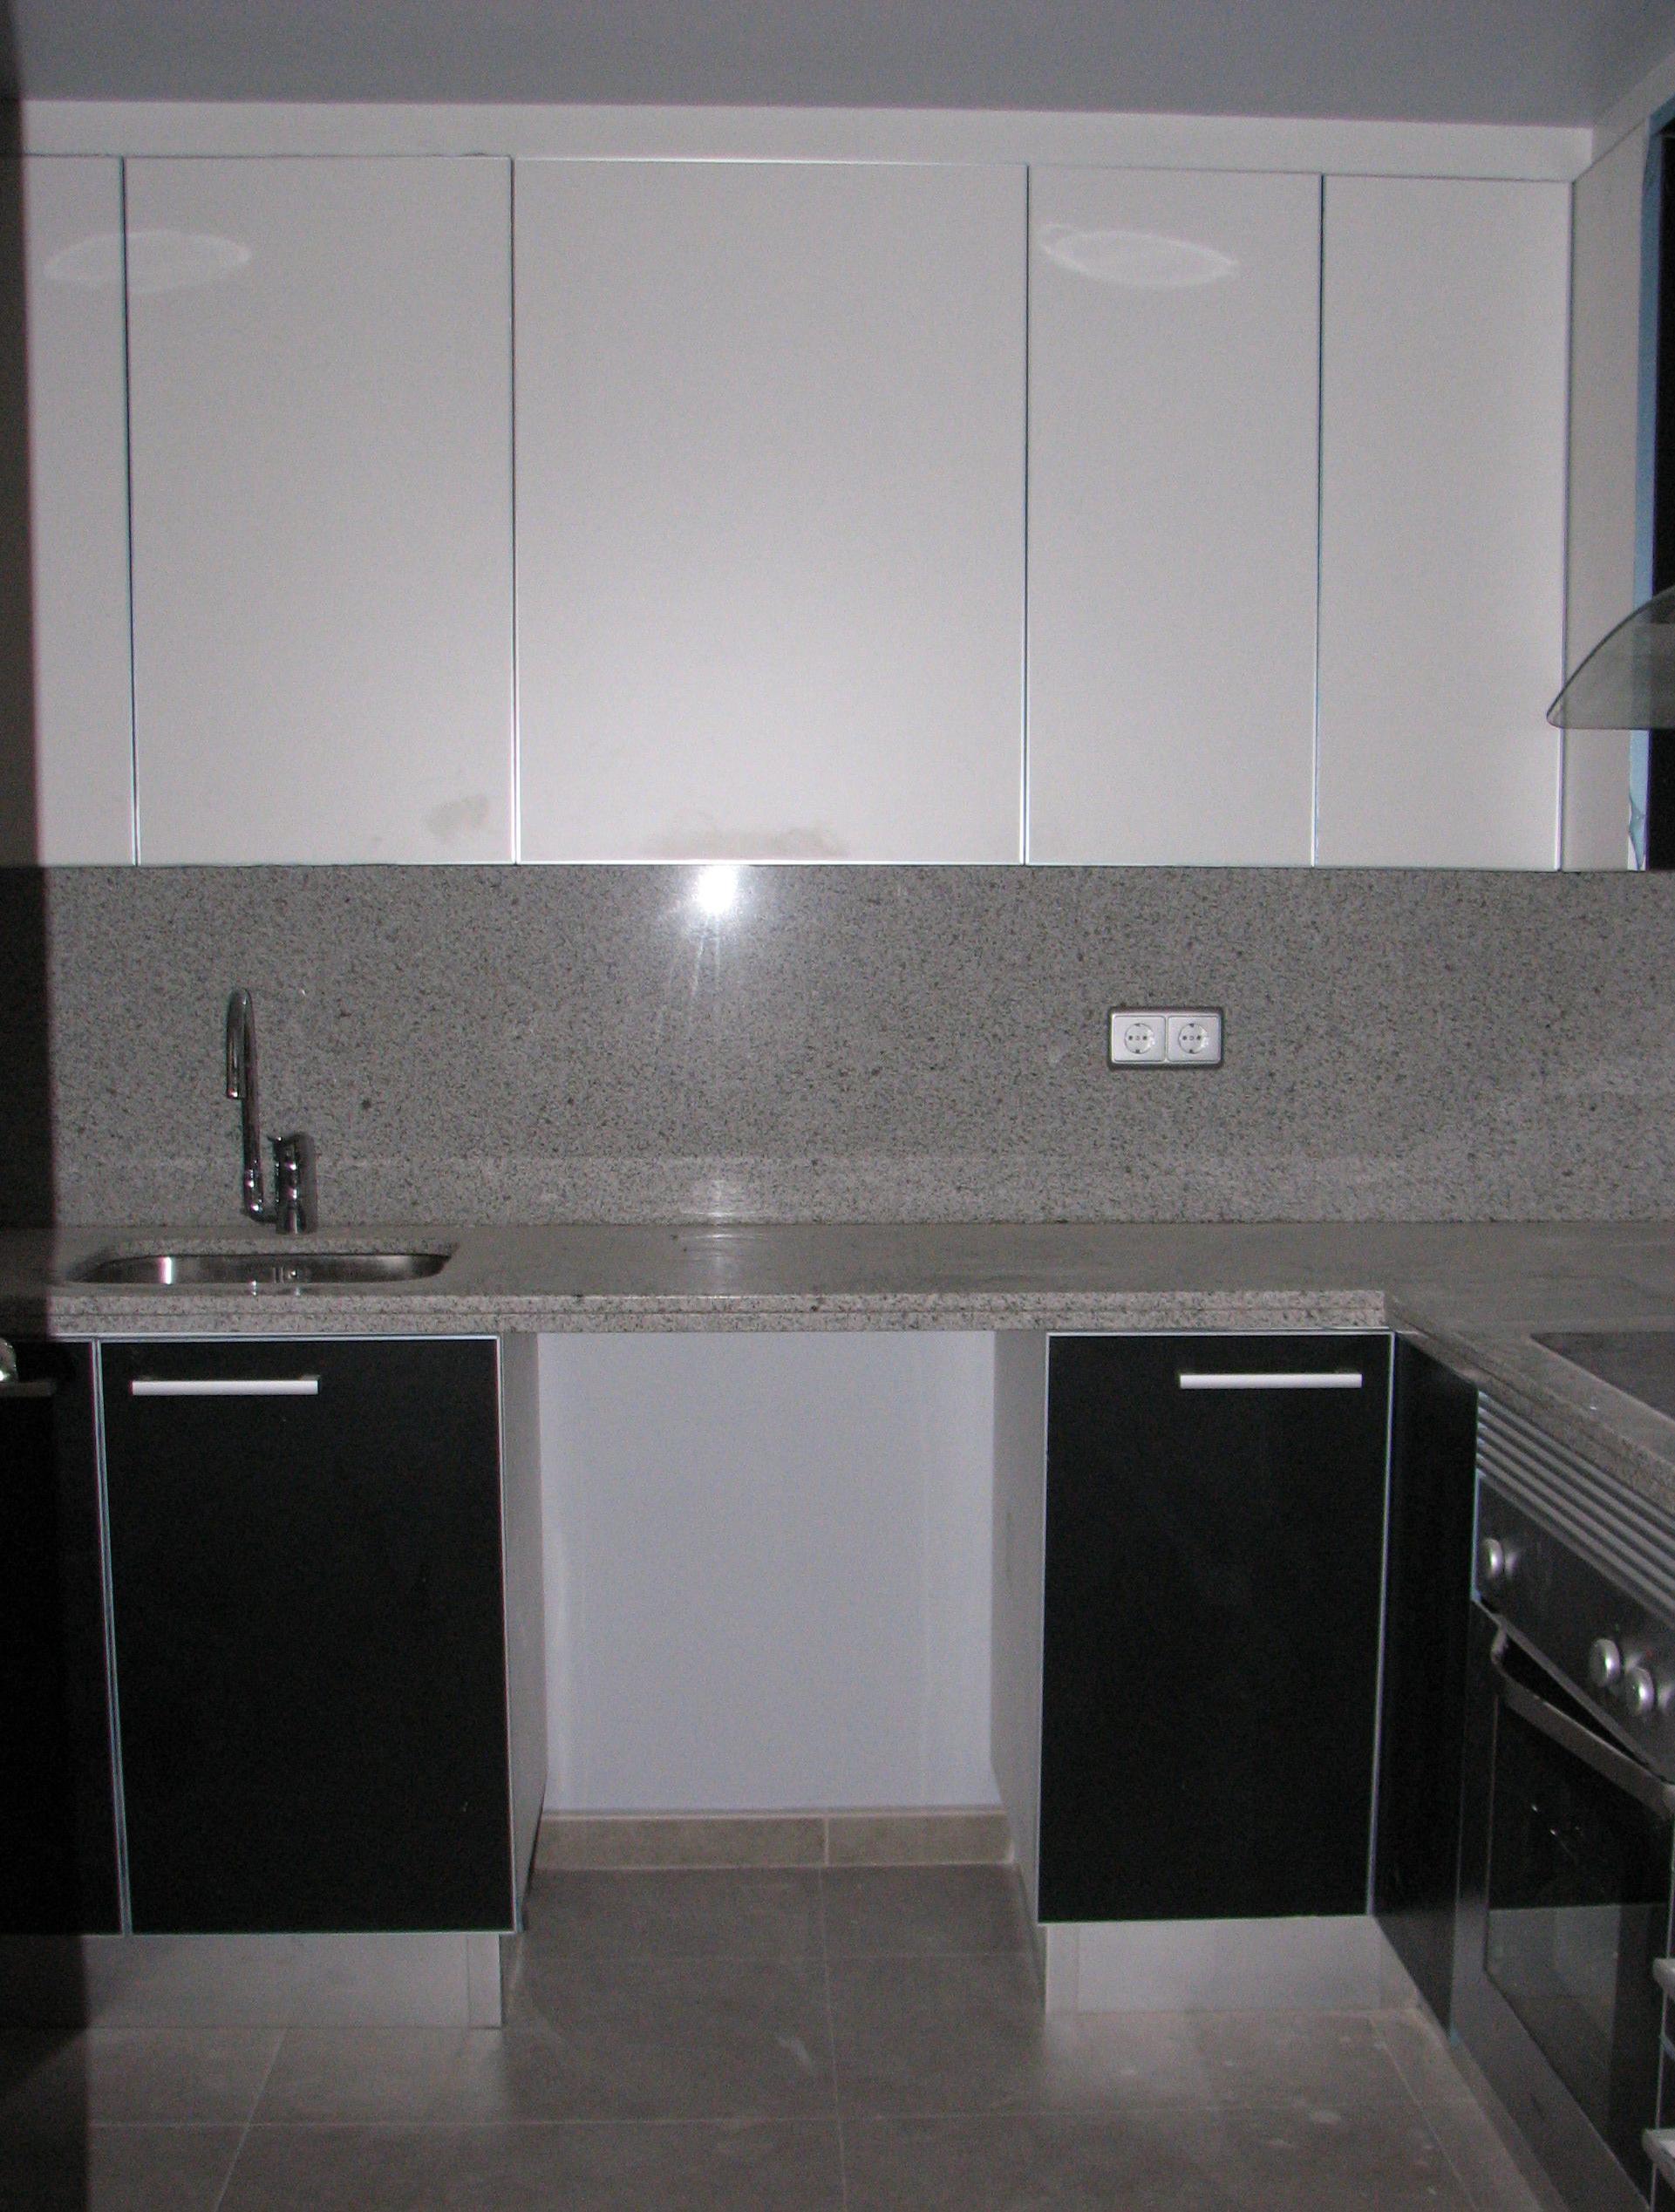 Instalación muebles de cocina: Servicios y productos de Instal ...